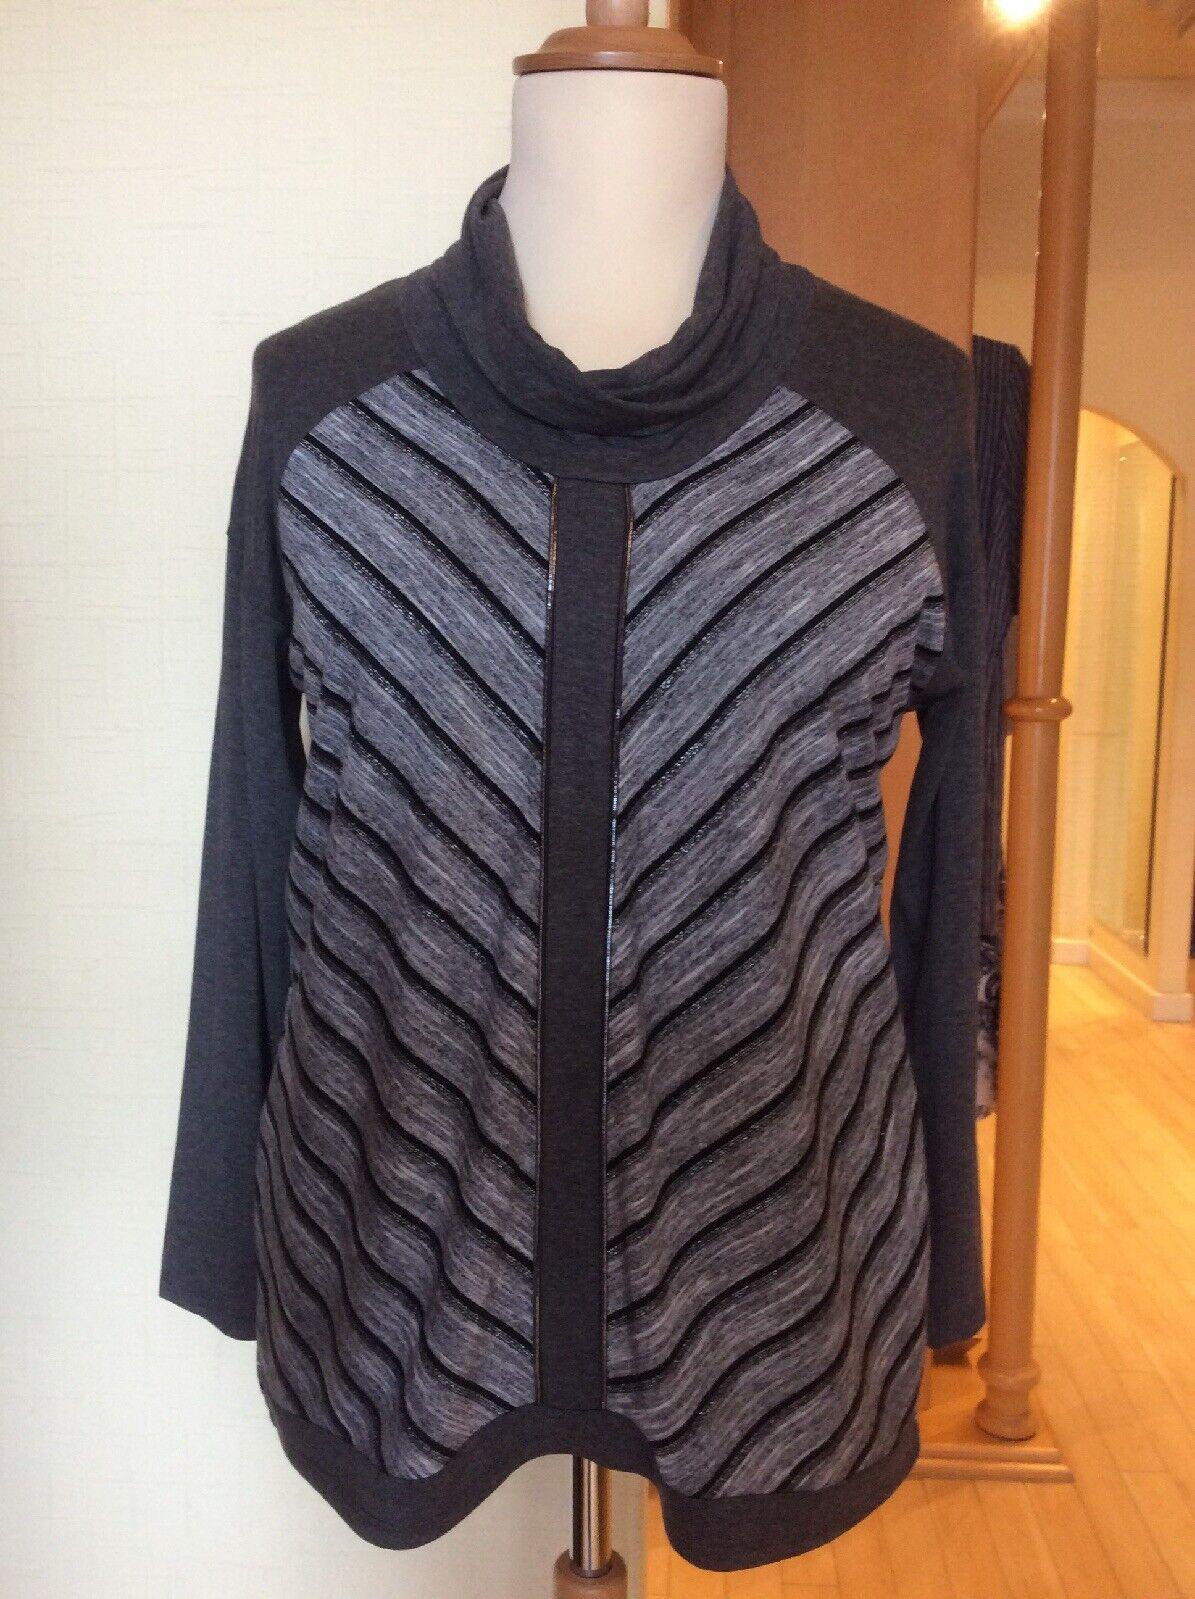 Picadilly Top Größe XL   18 BNWT grau schwarz Cowl Neck RRP  Now